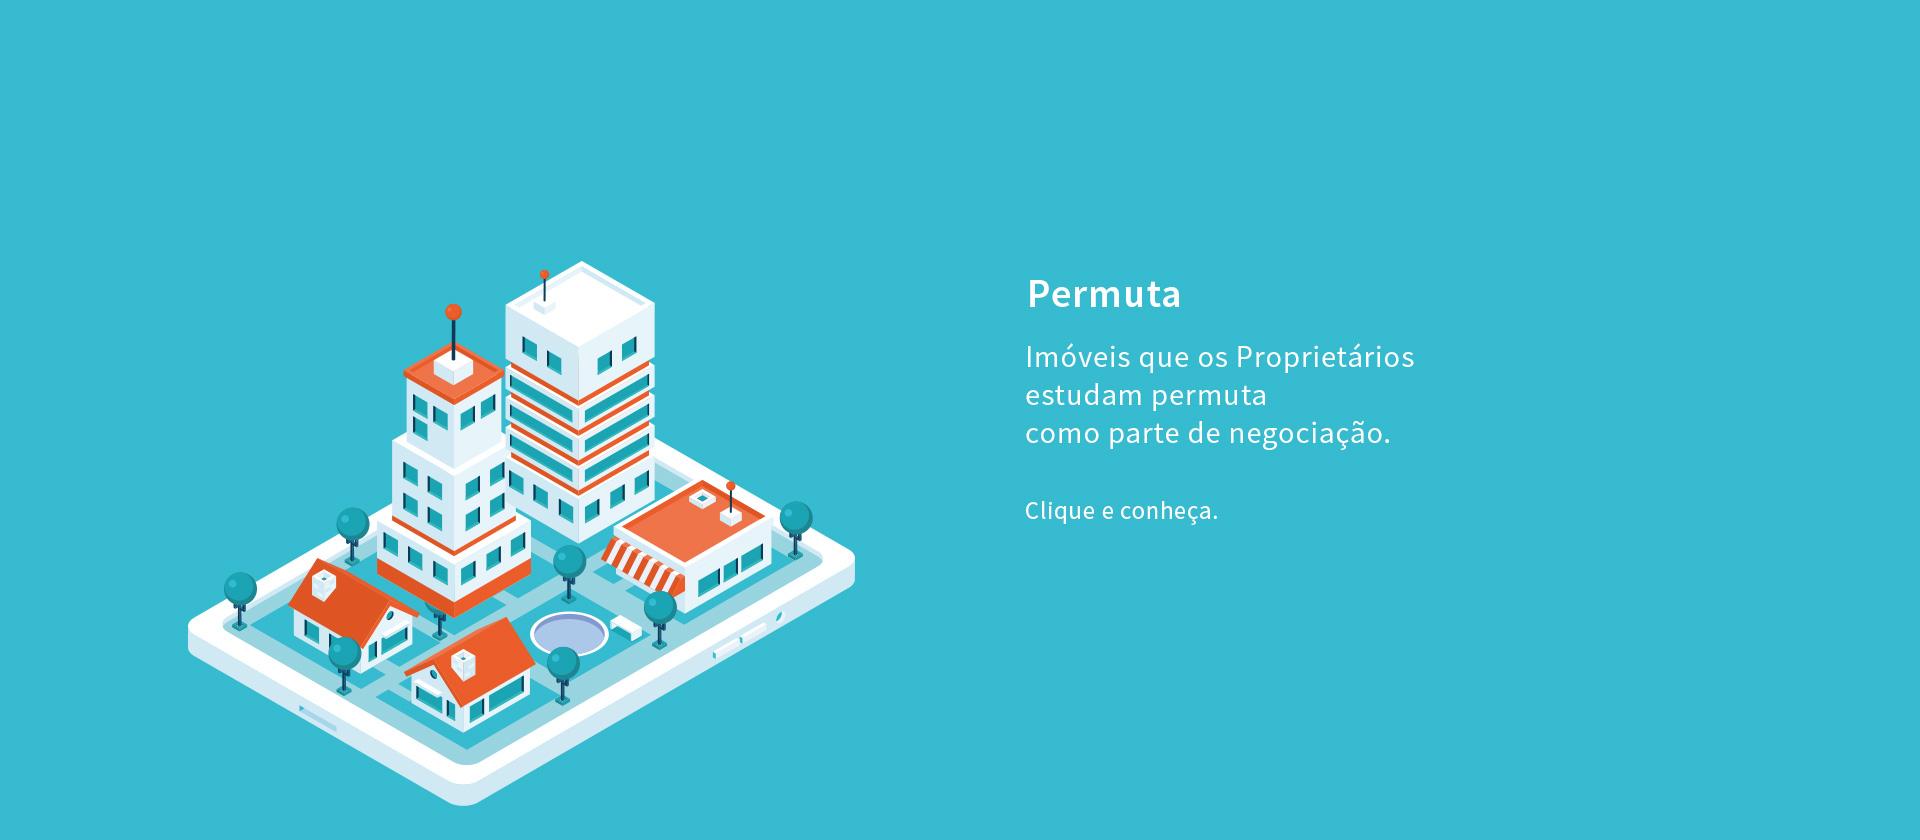 institucional-permuta